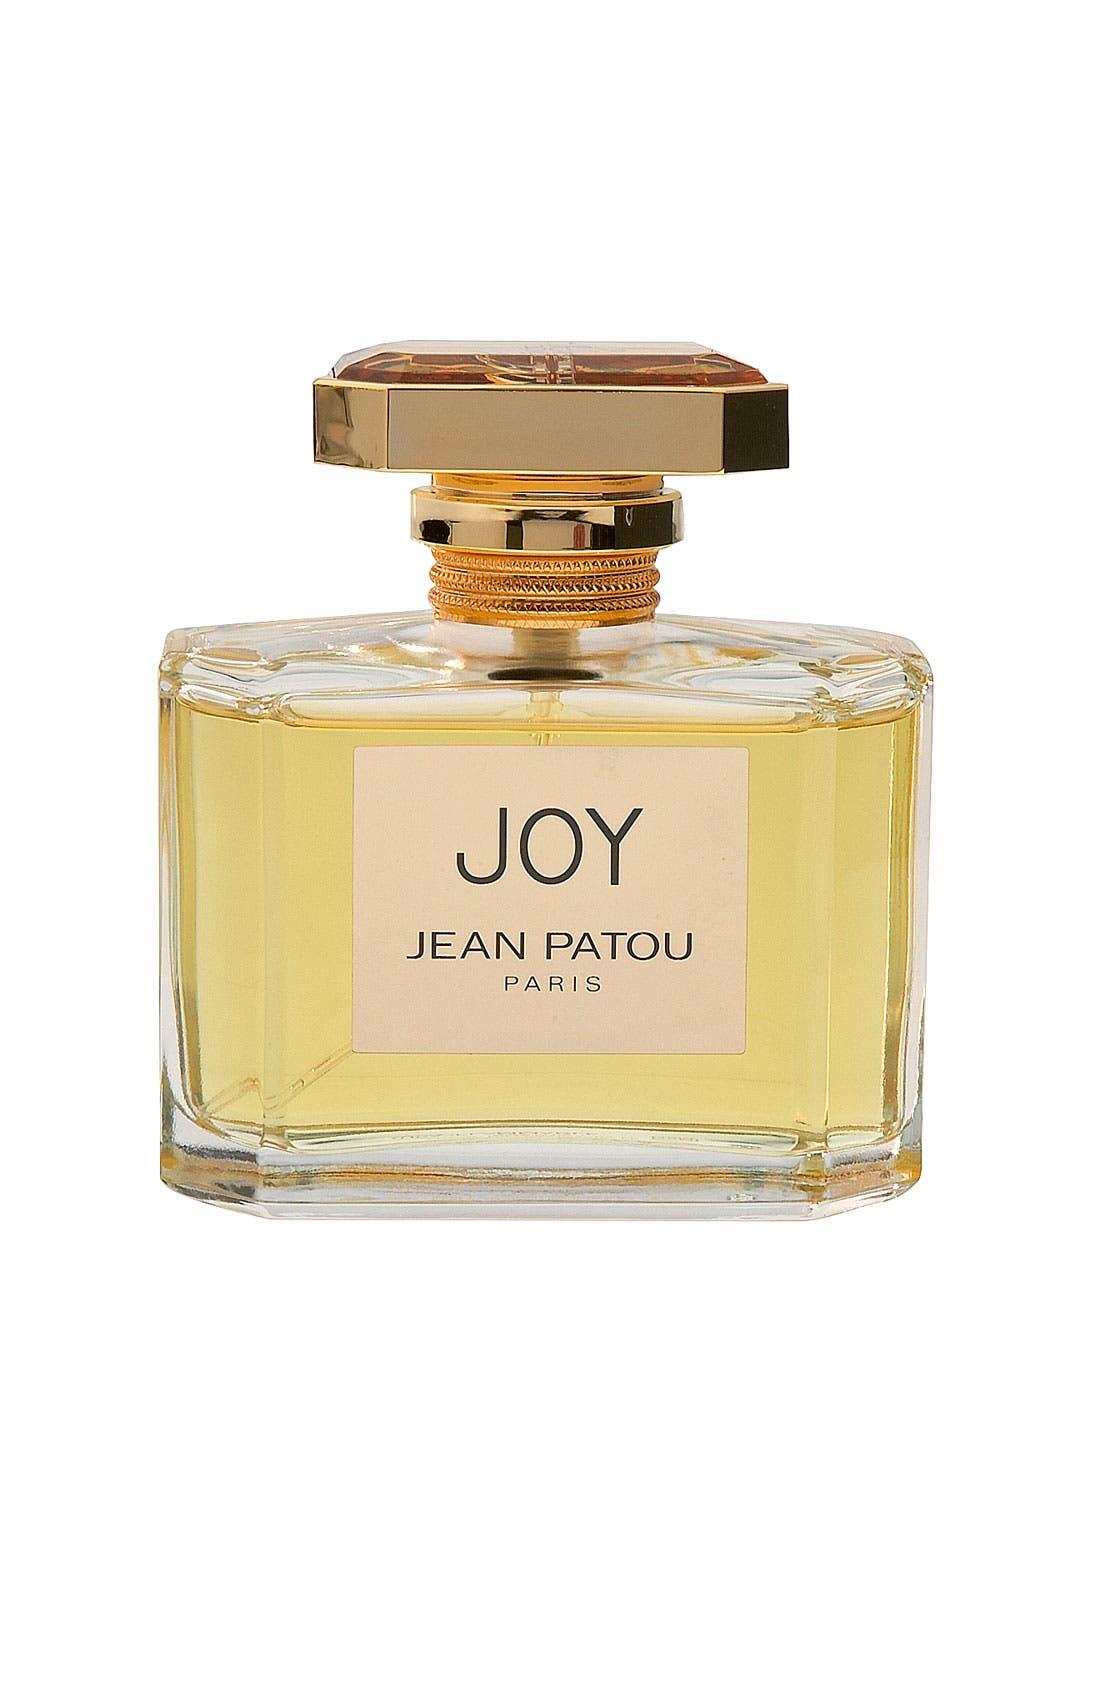 JEAN PATOU,                             Joy by Jean Patou Eau de Parfum Jewel Spray,                             Main thumbnail 1, color,                             NO COLOR